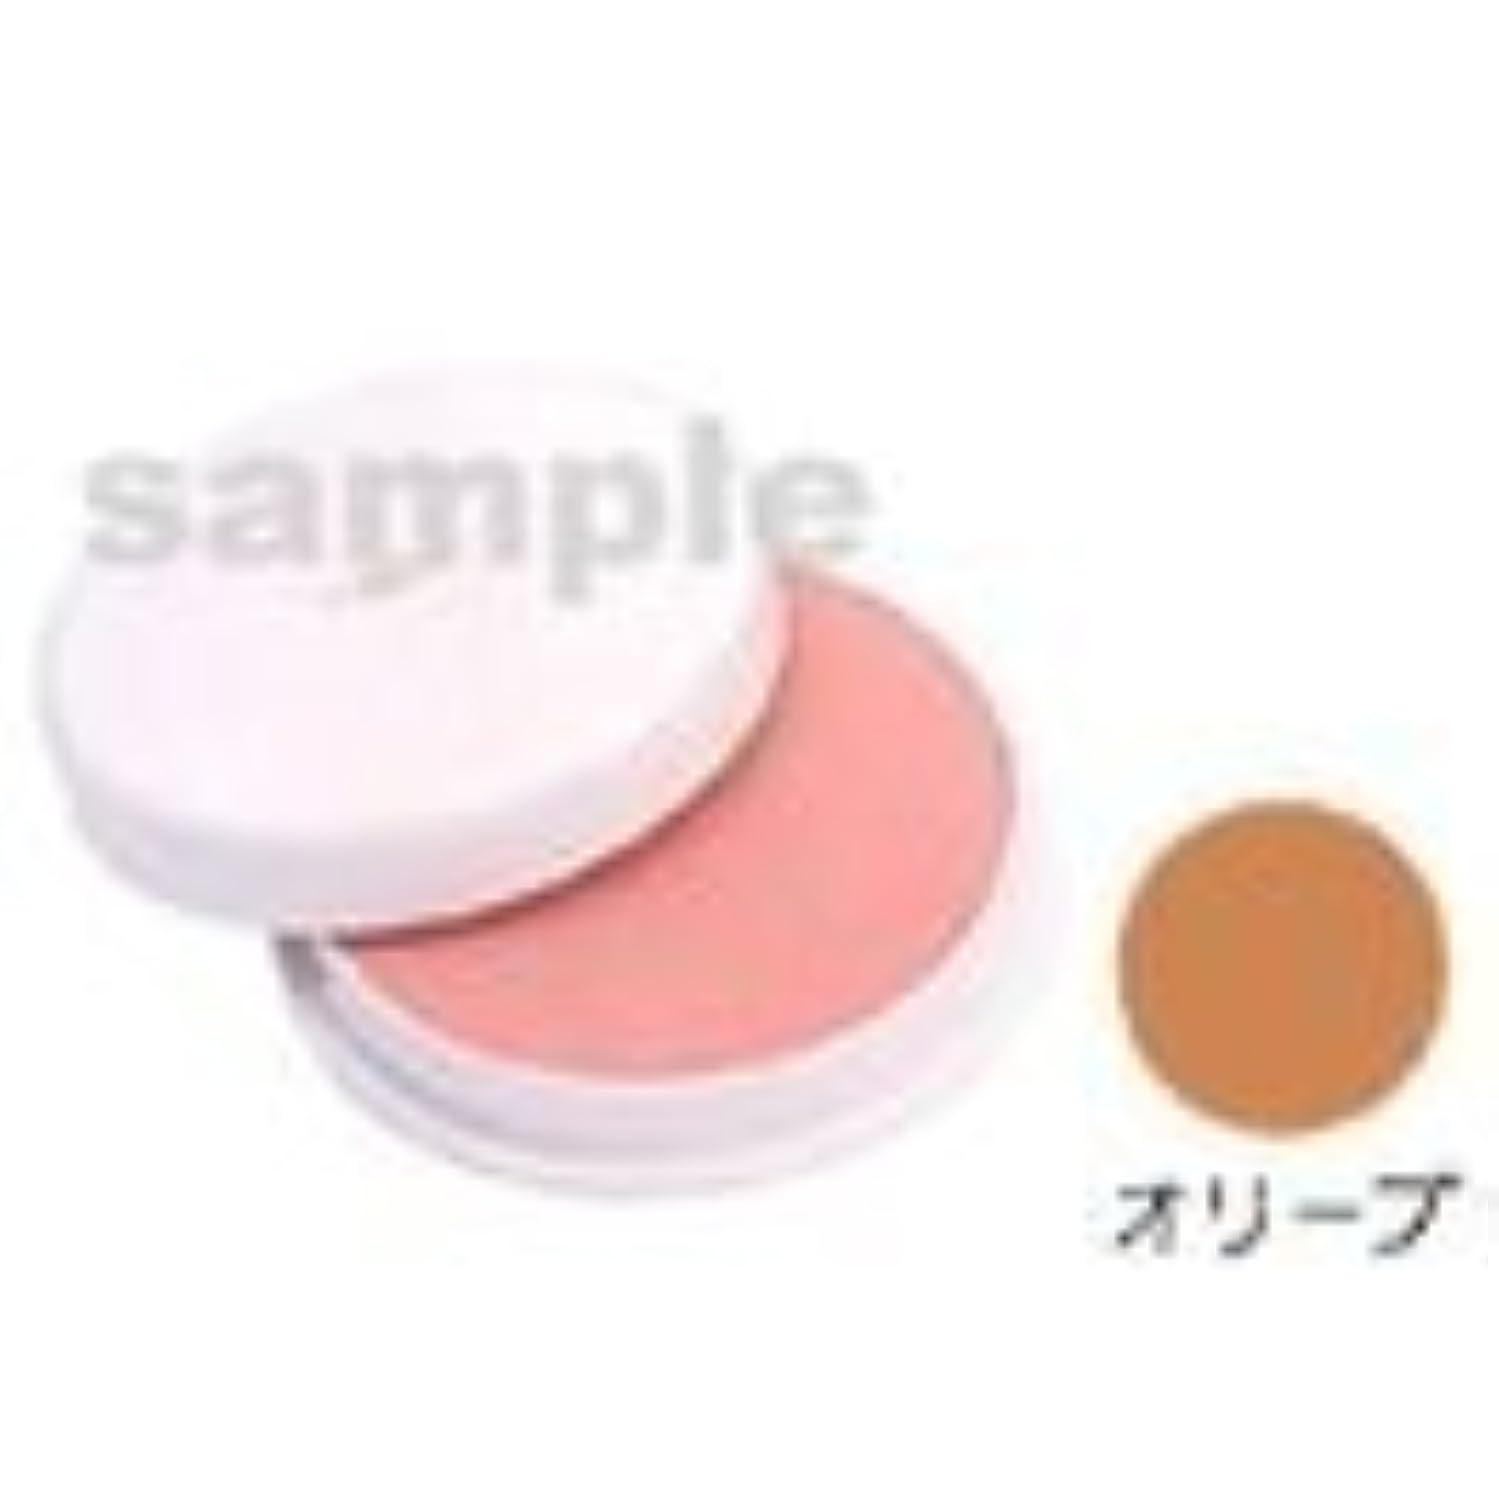 重くするドラッグタヒチ三善 フェースケーキ ファンデーション コスプレメイク 舞台メイク カラー:オリーブ #